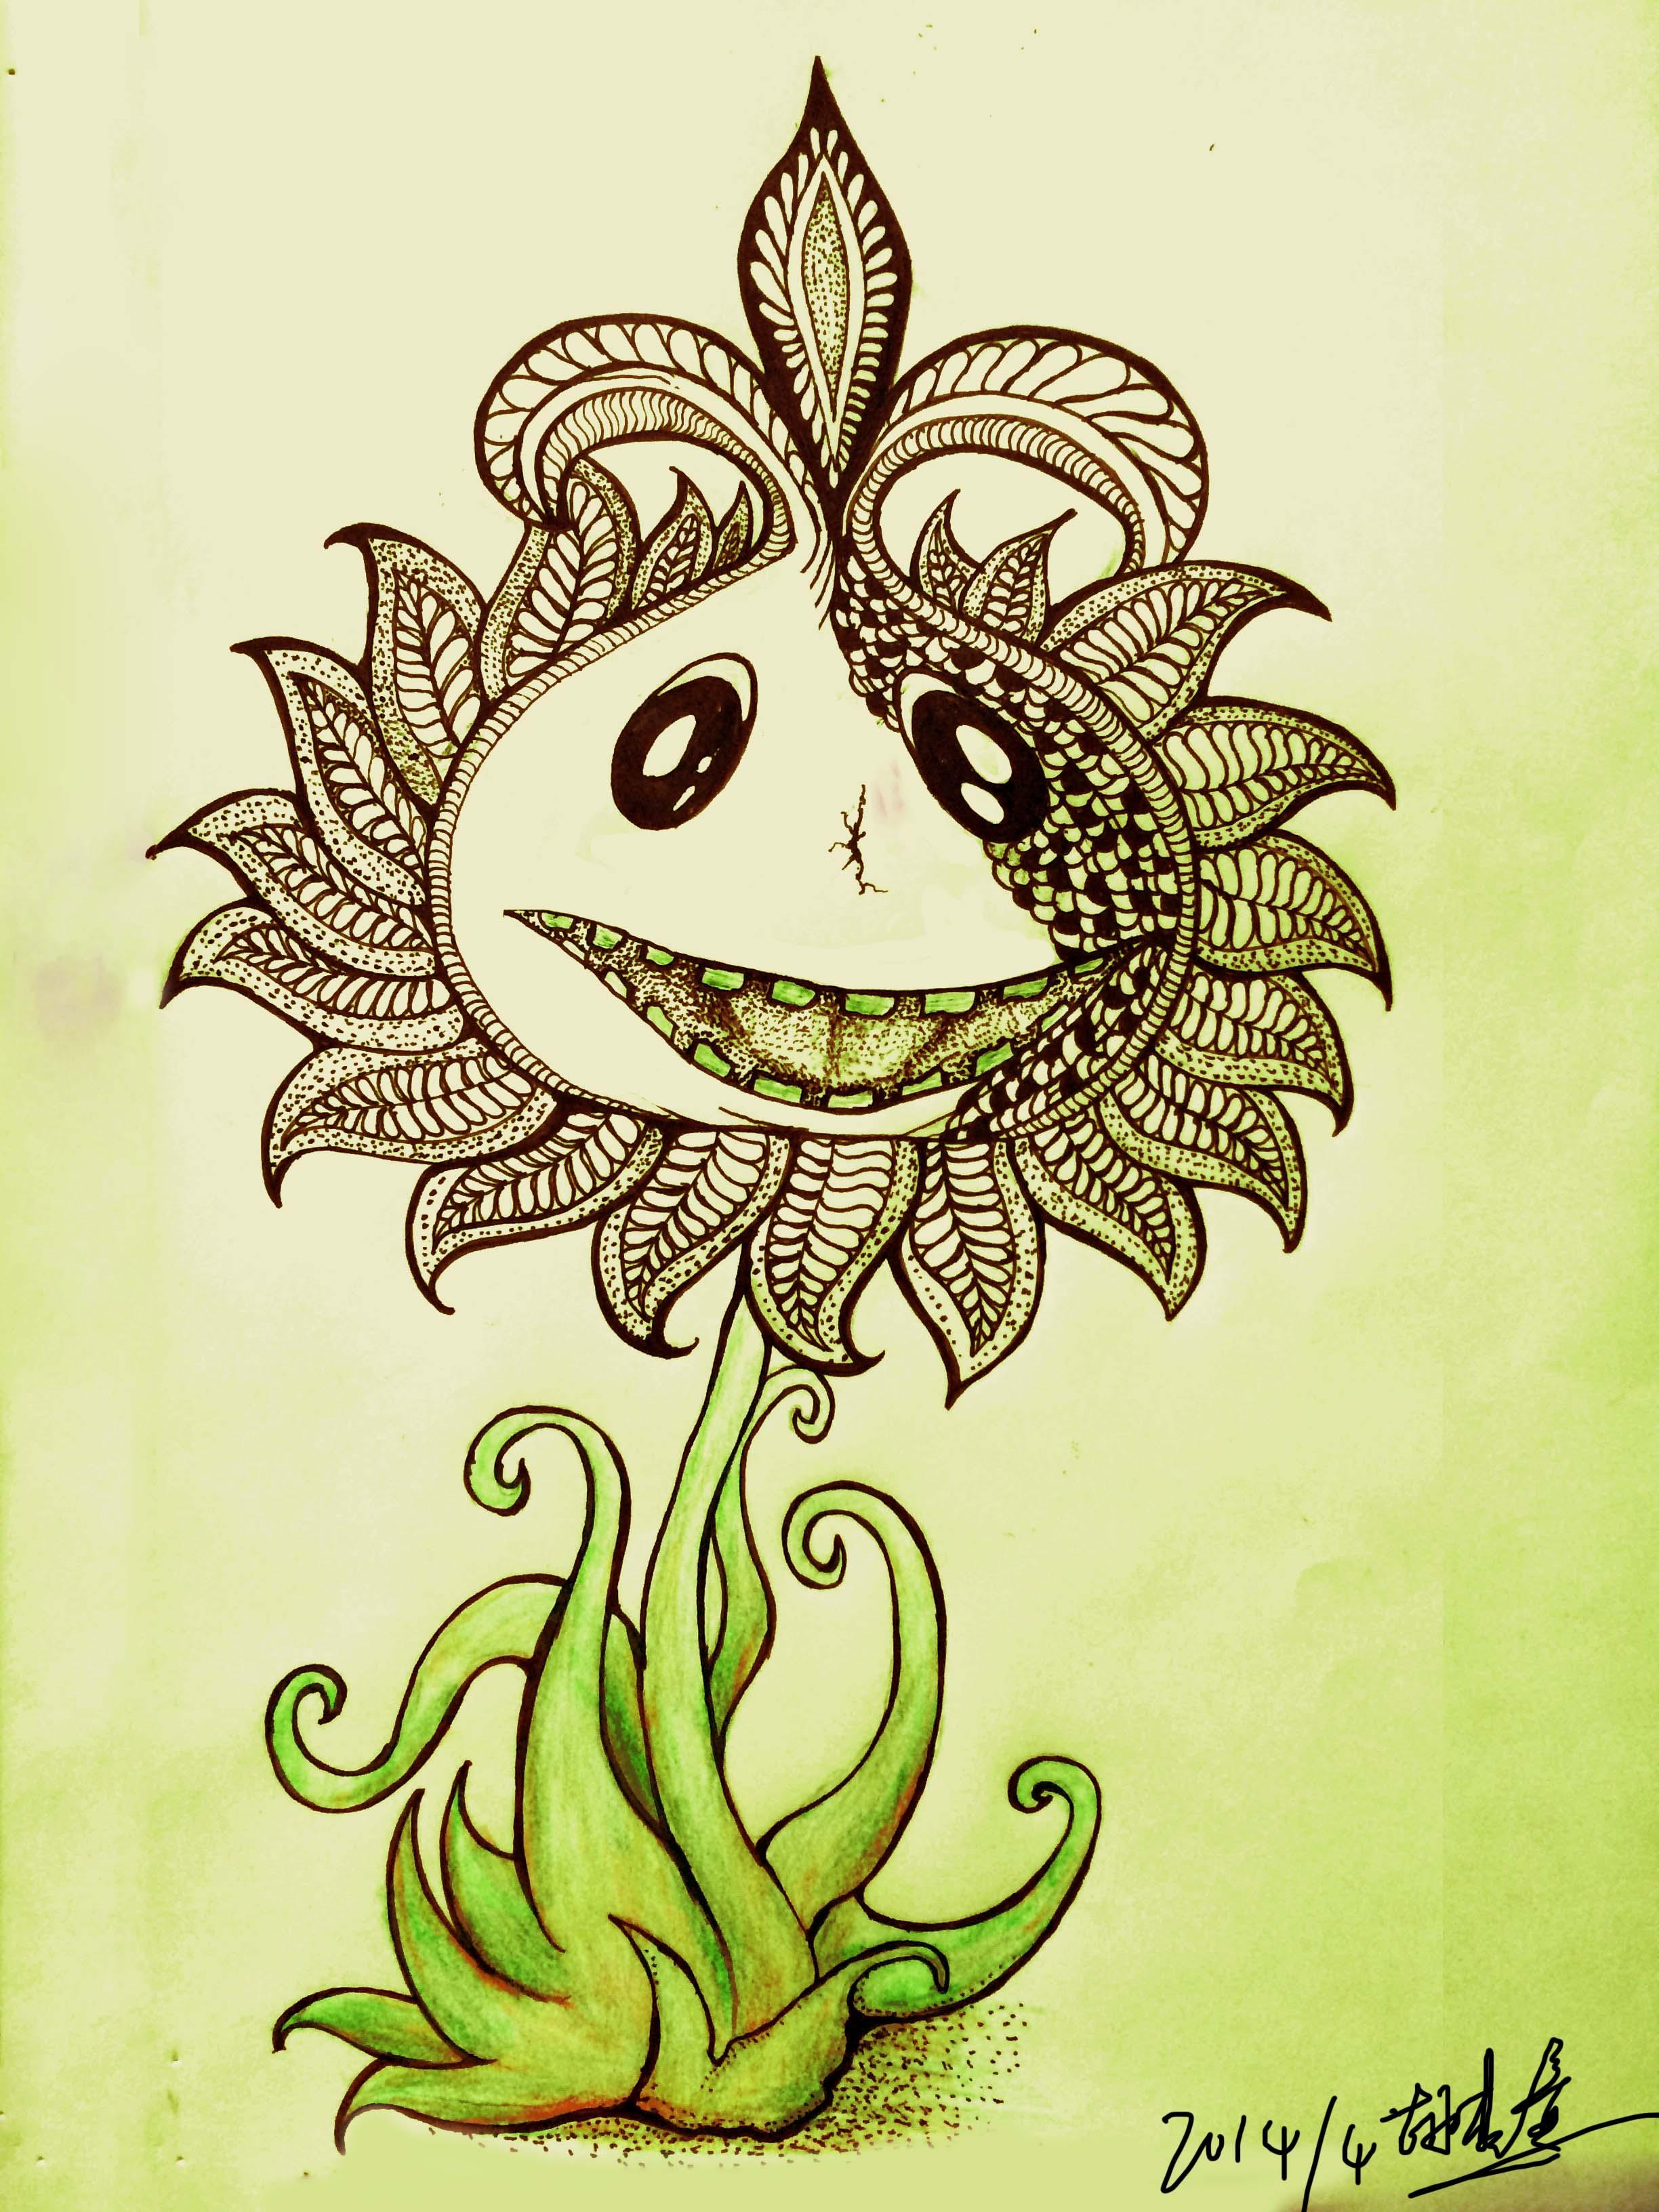 手绘插画|插画|插画习作|花木格 - 原创作品 - 站酷